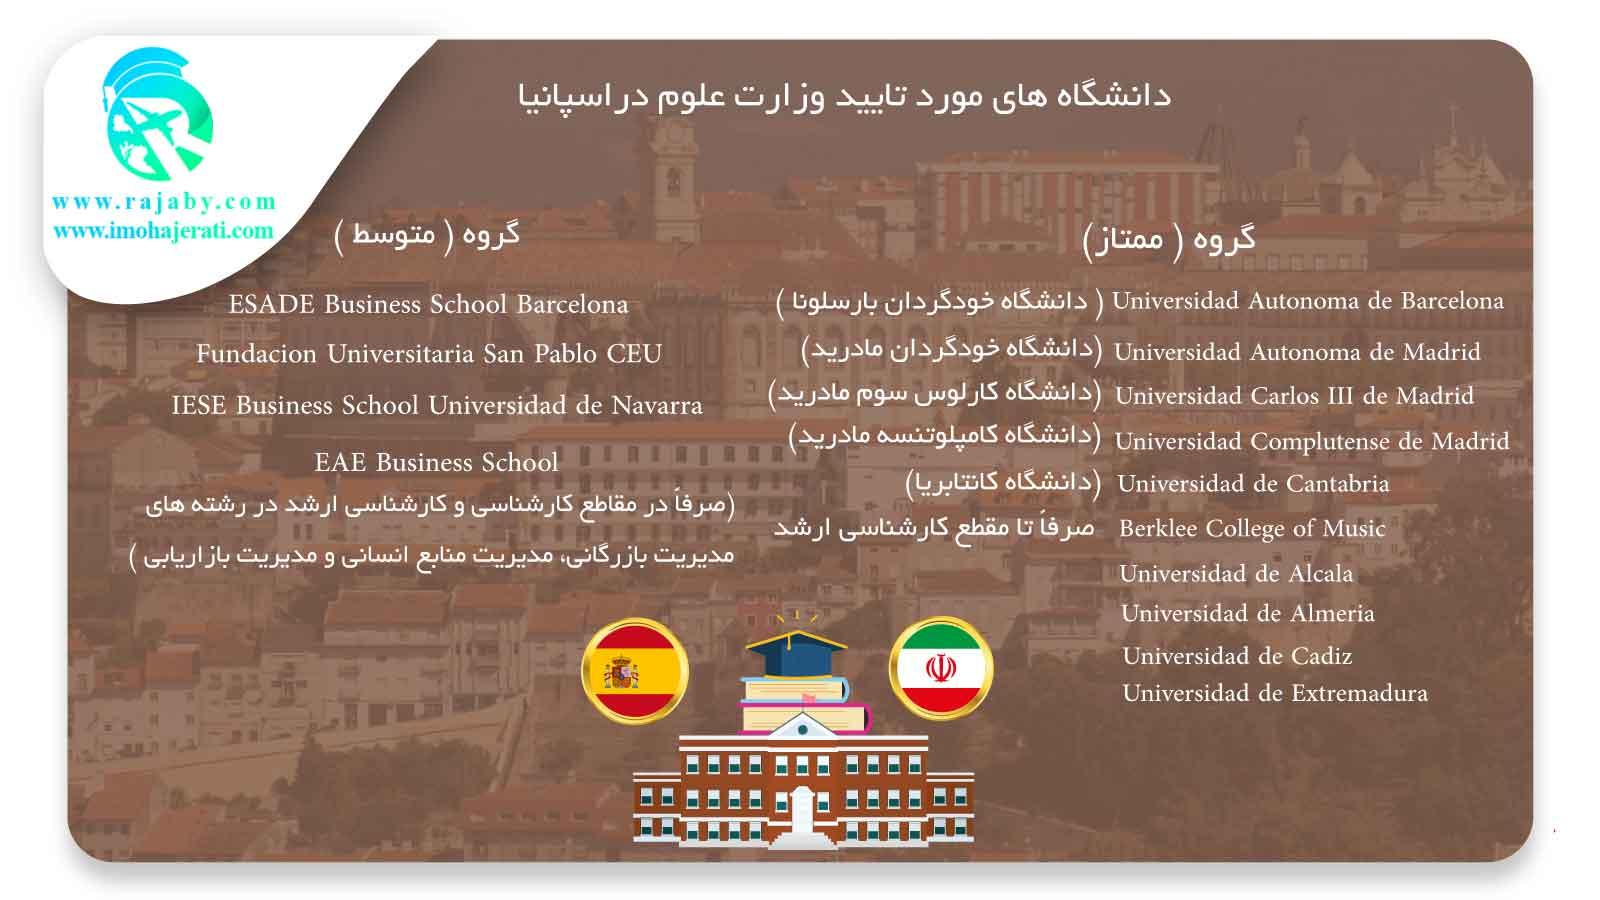 دانشگاه های مورد تائید وزارت علوم در اسپانیا